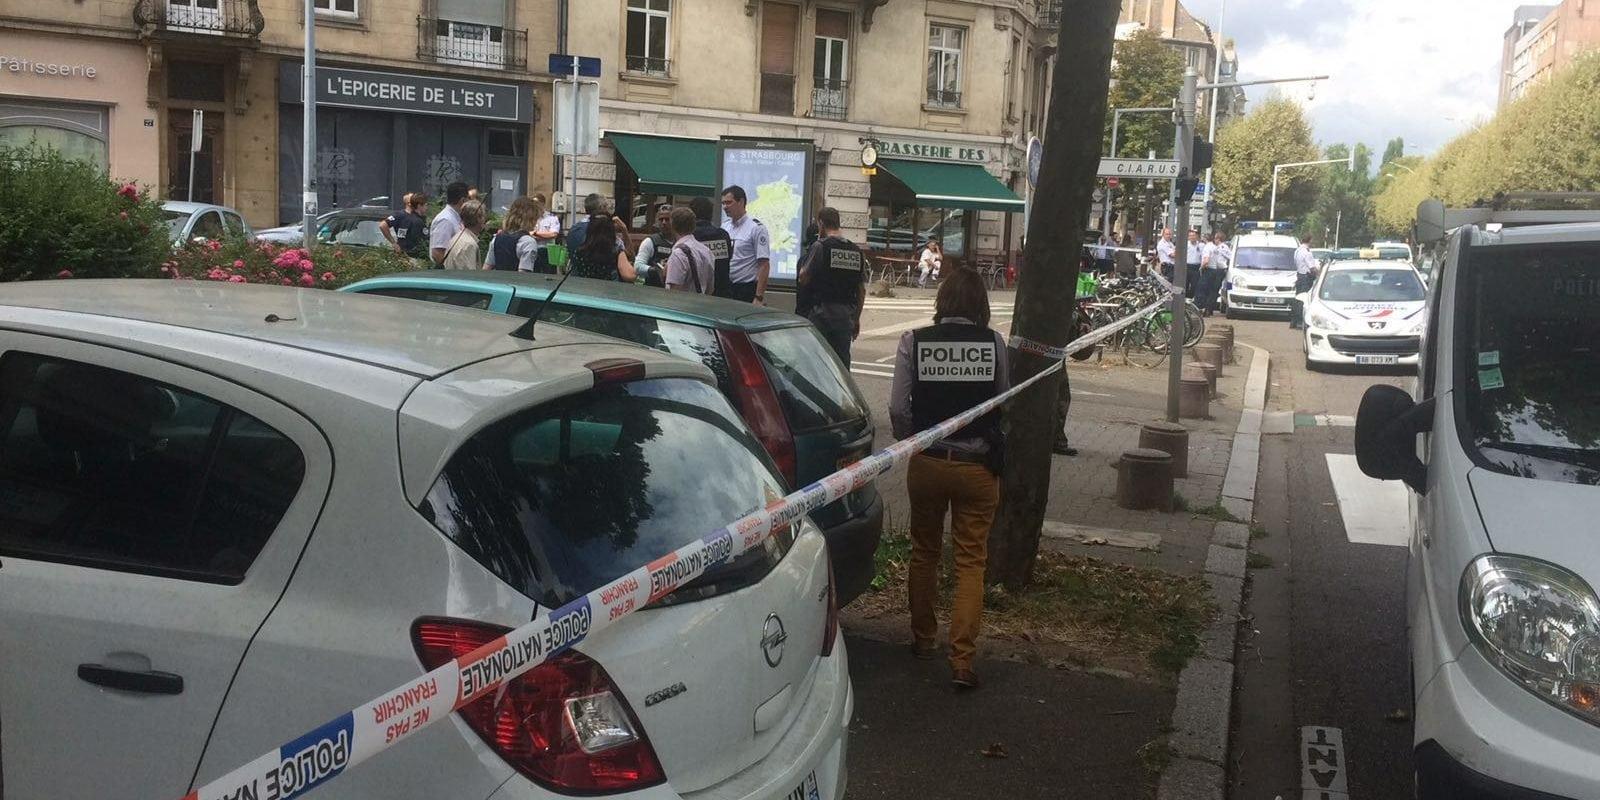 Un juif religieux agressé au couteau à Strasbourg